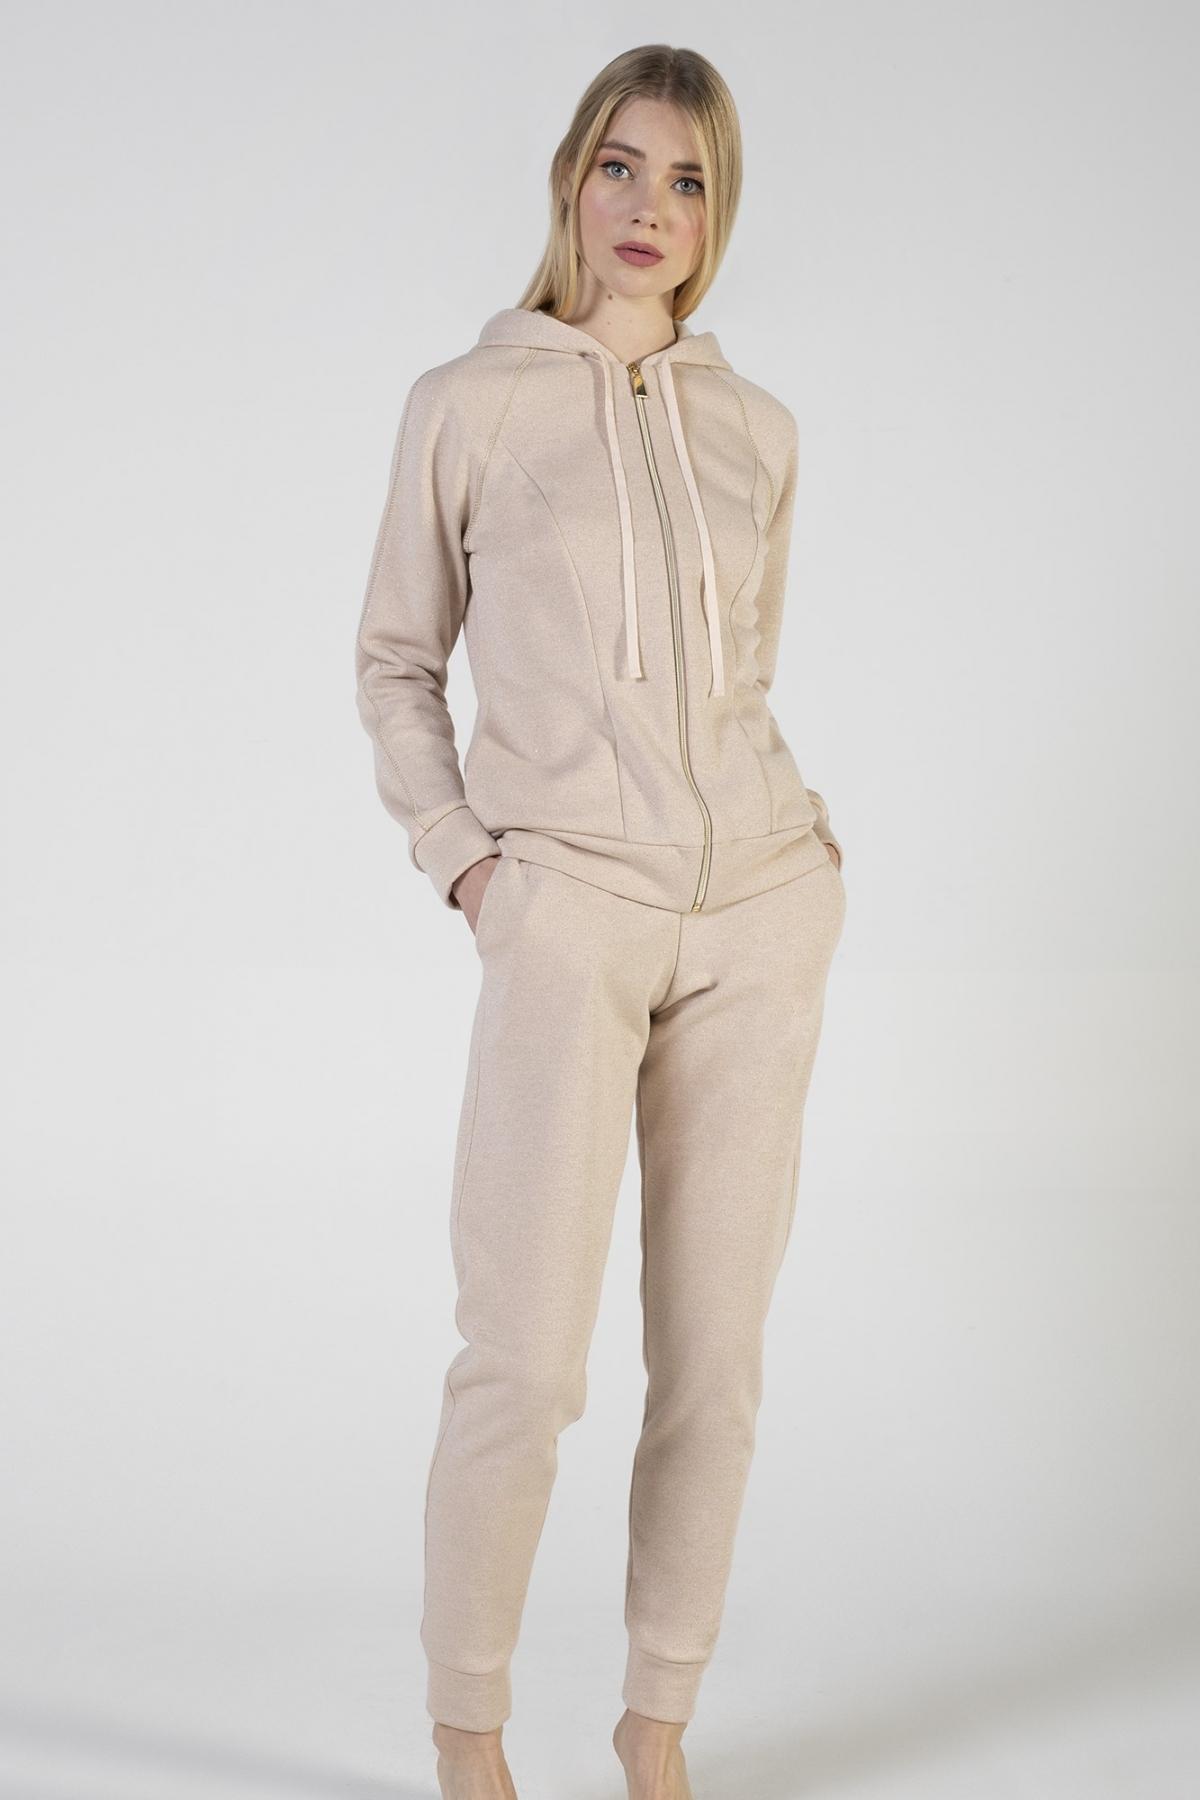 Tuta felpa Lurex con cappuccio e tasche laterali, pantalone con tasche laterali e polso verdiani donna